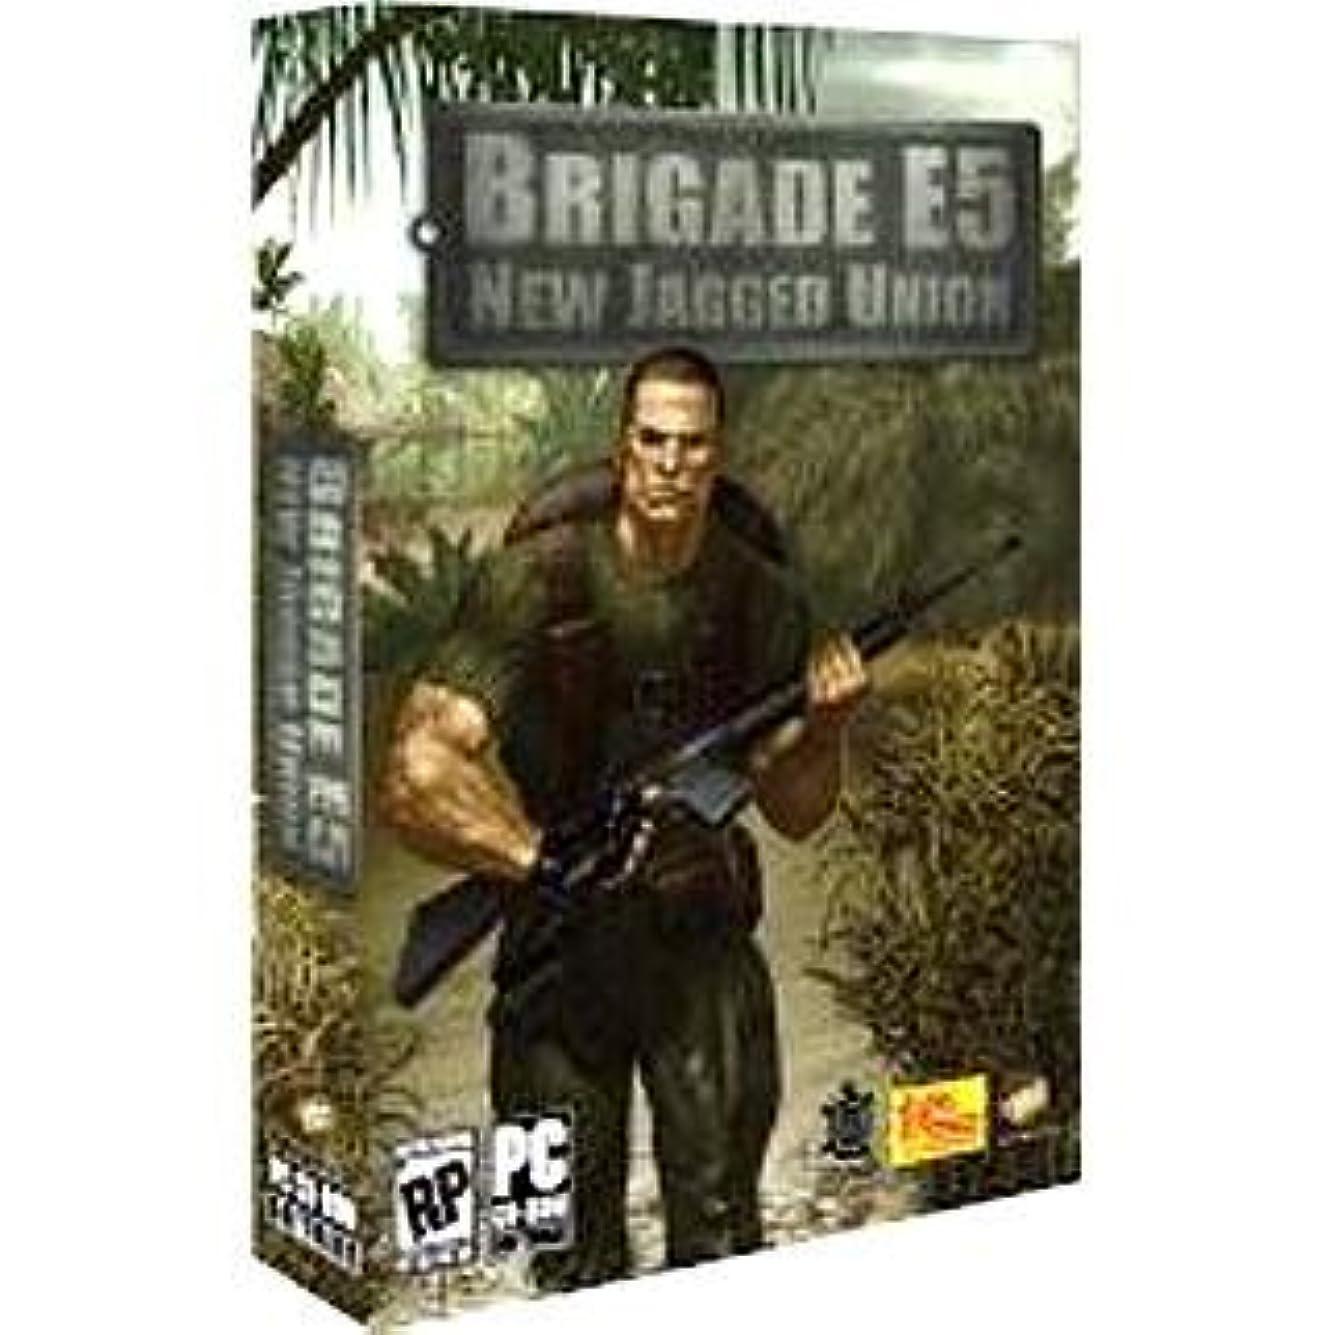 積分バーマド絶滅Brigade E5 (輸入版)